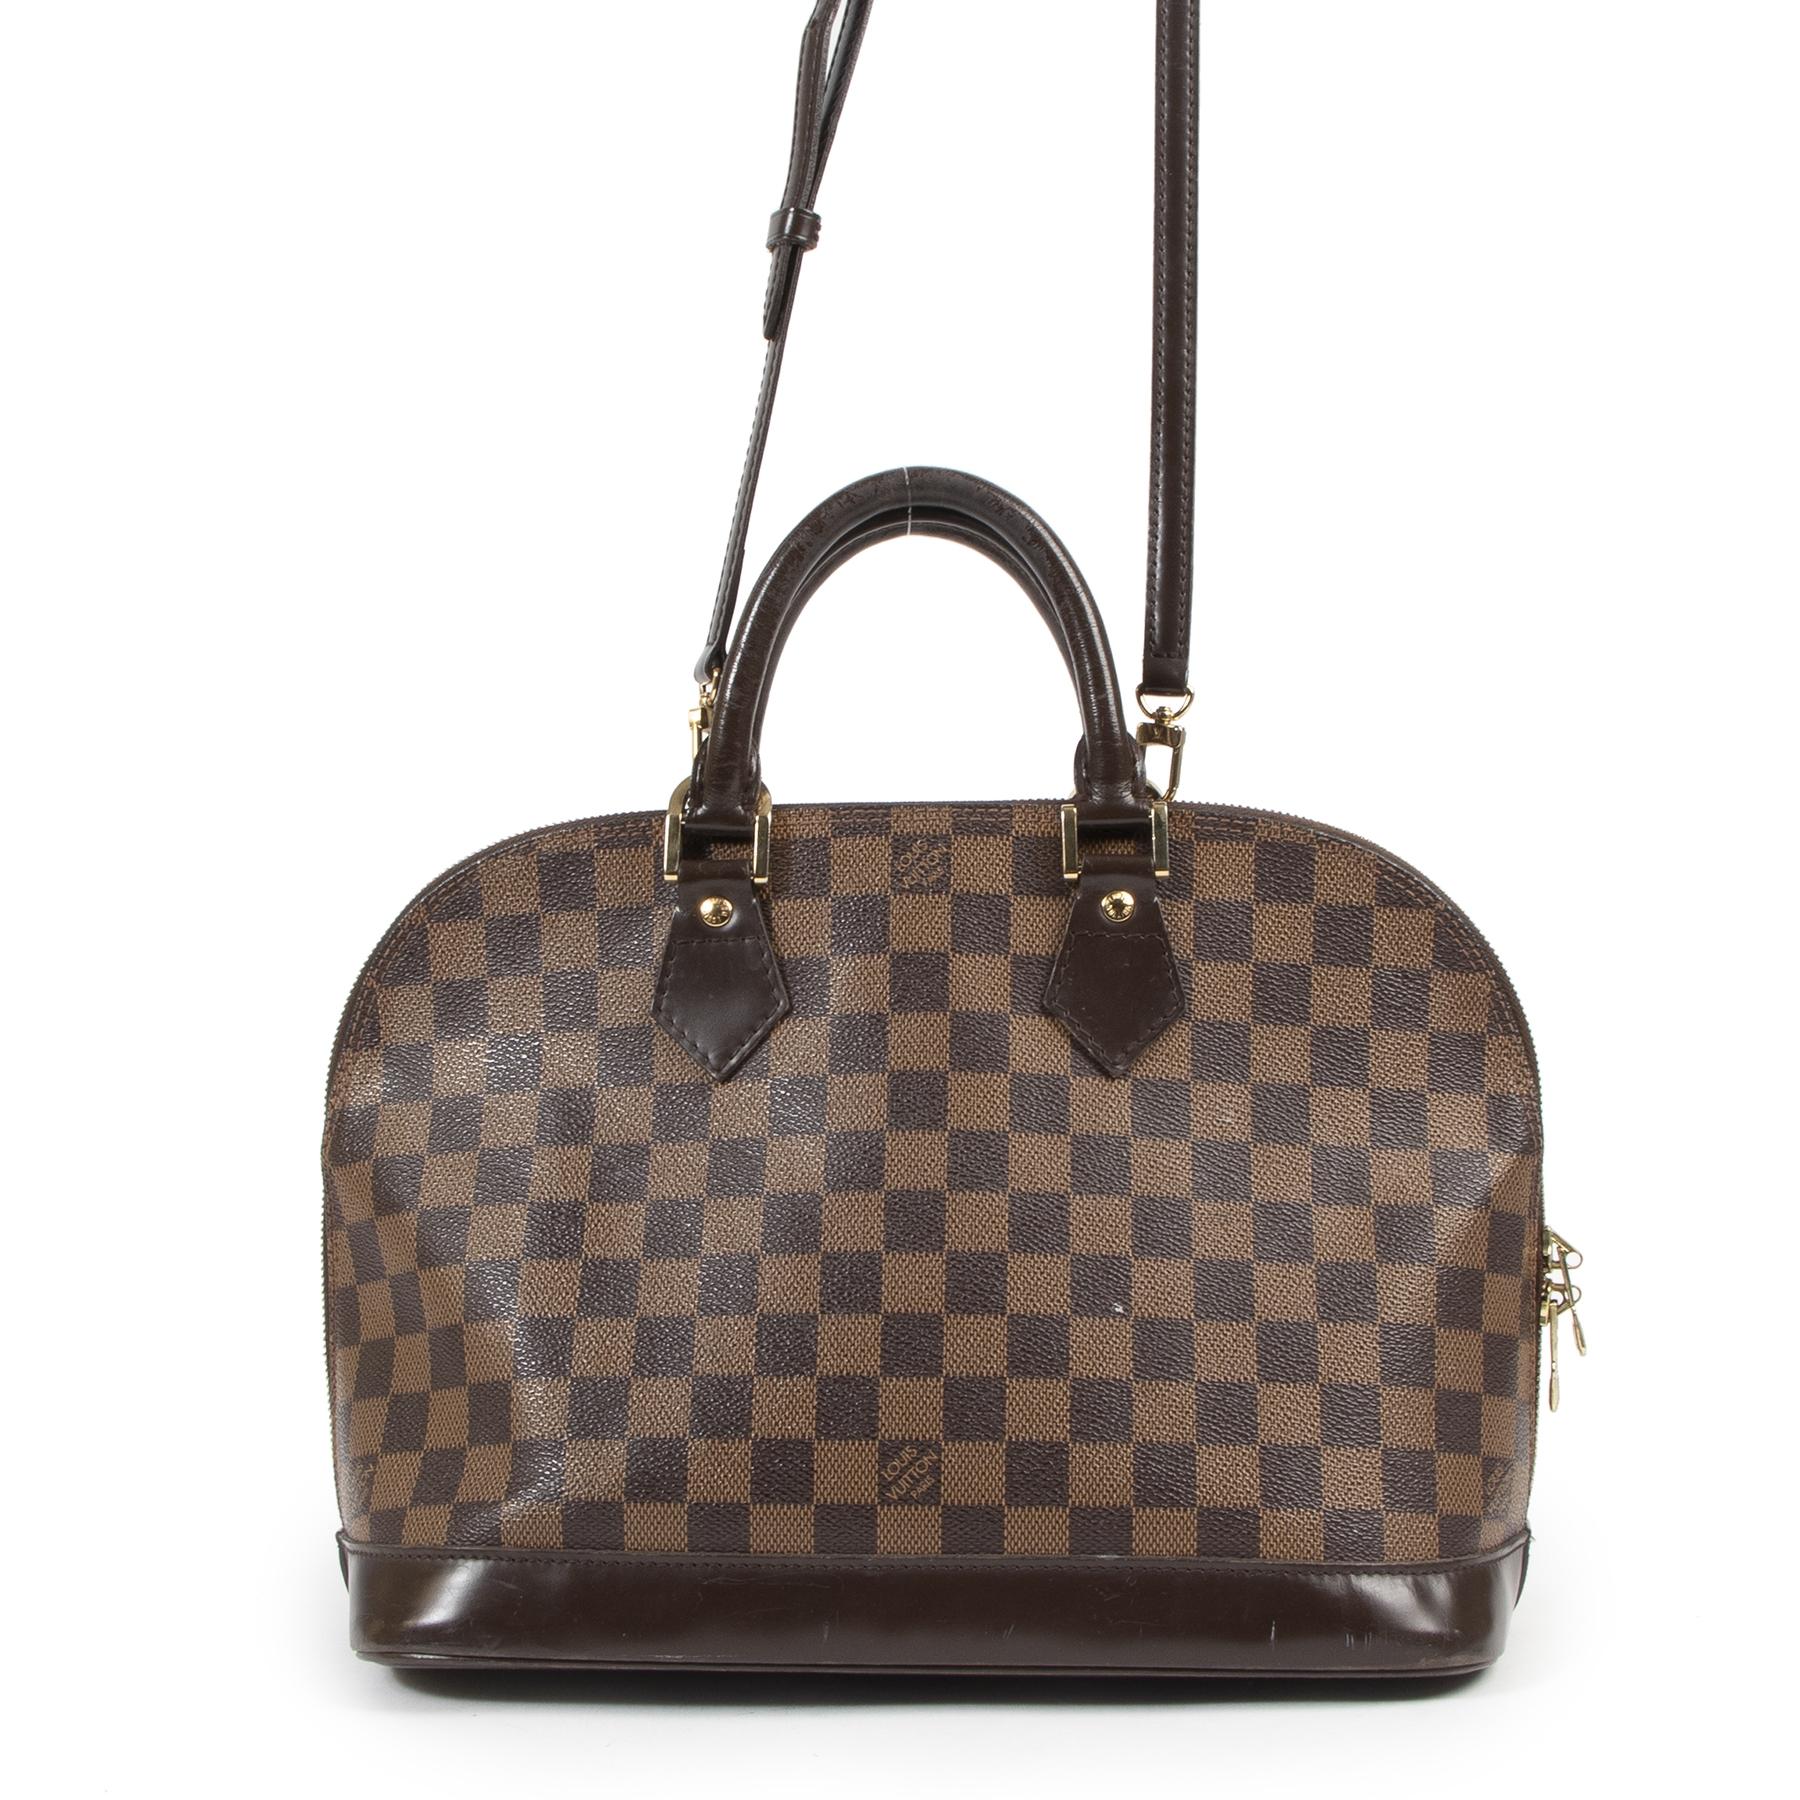 Authentieke Tweedehands Louis Vuitton Damier Ebene Alma Bag + Strap juiste prijs veilig online shoppen luxe merken webshop winkelen Antwerpen België mode fashion